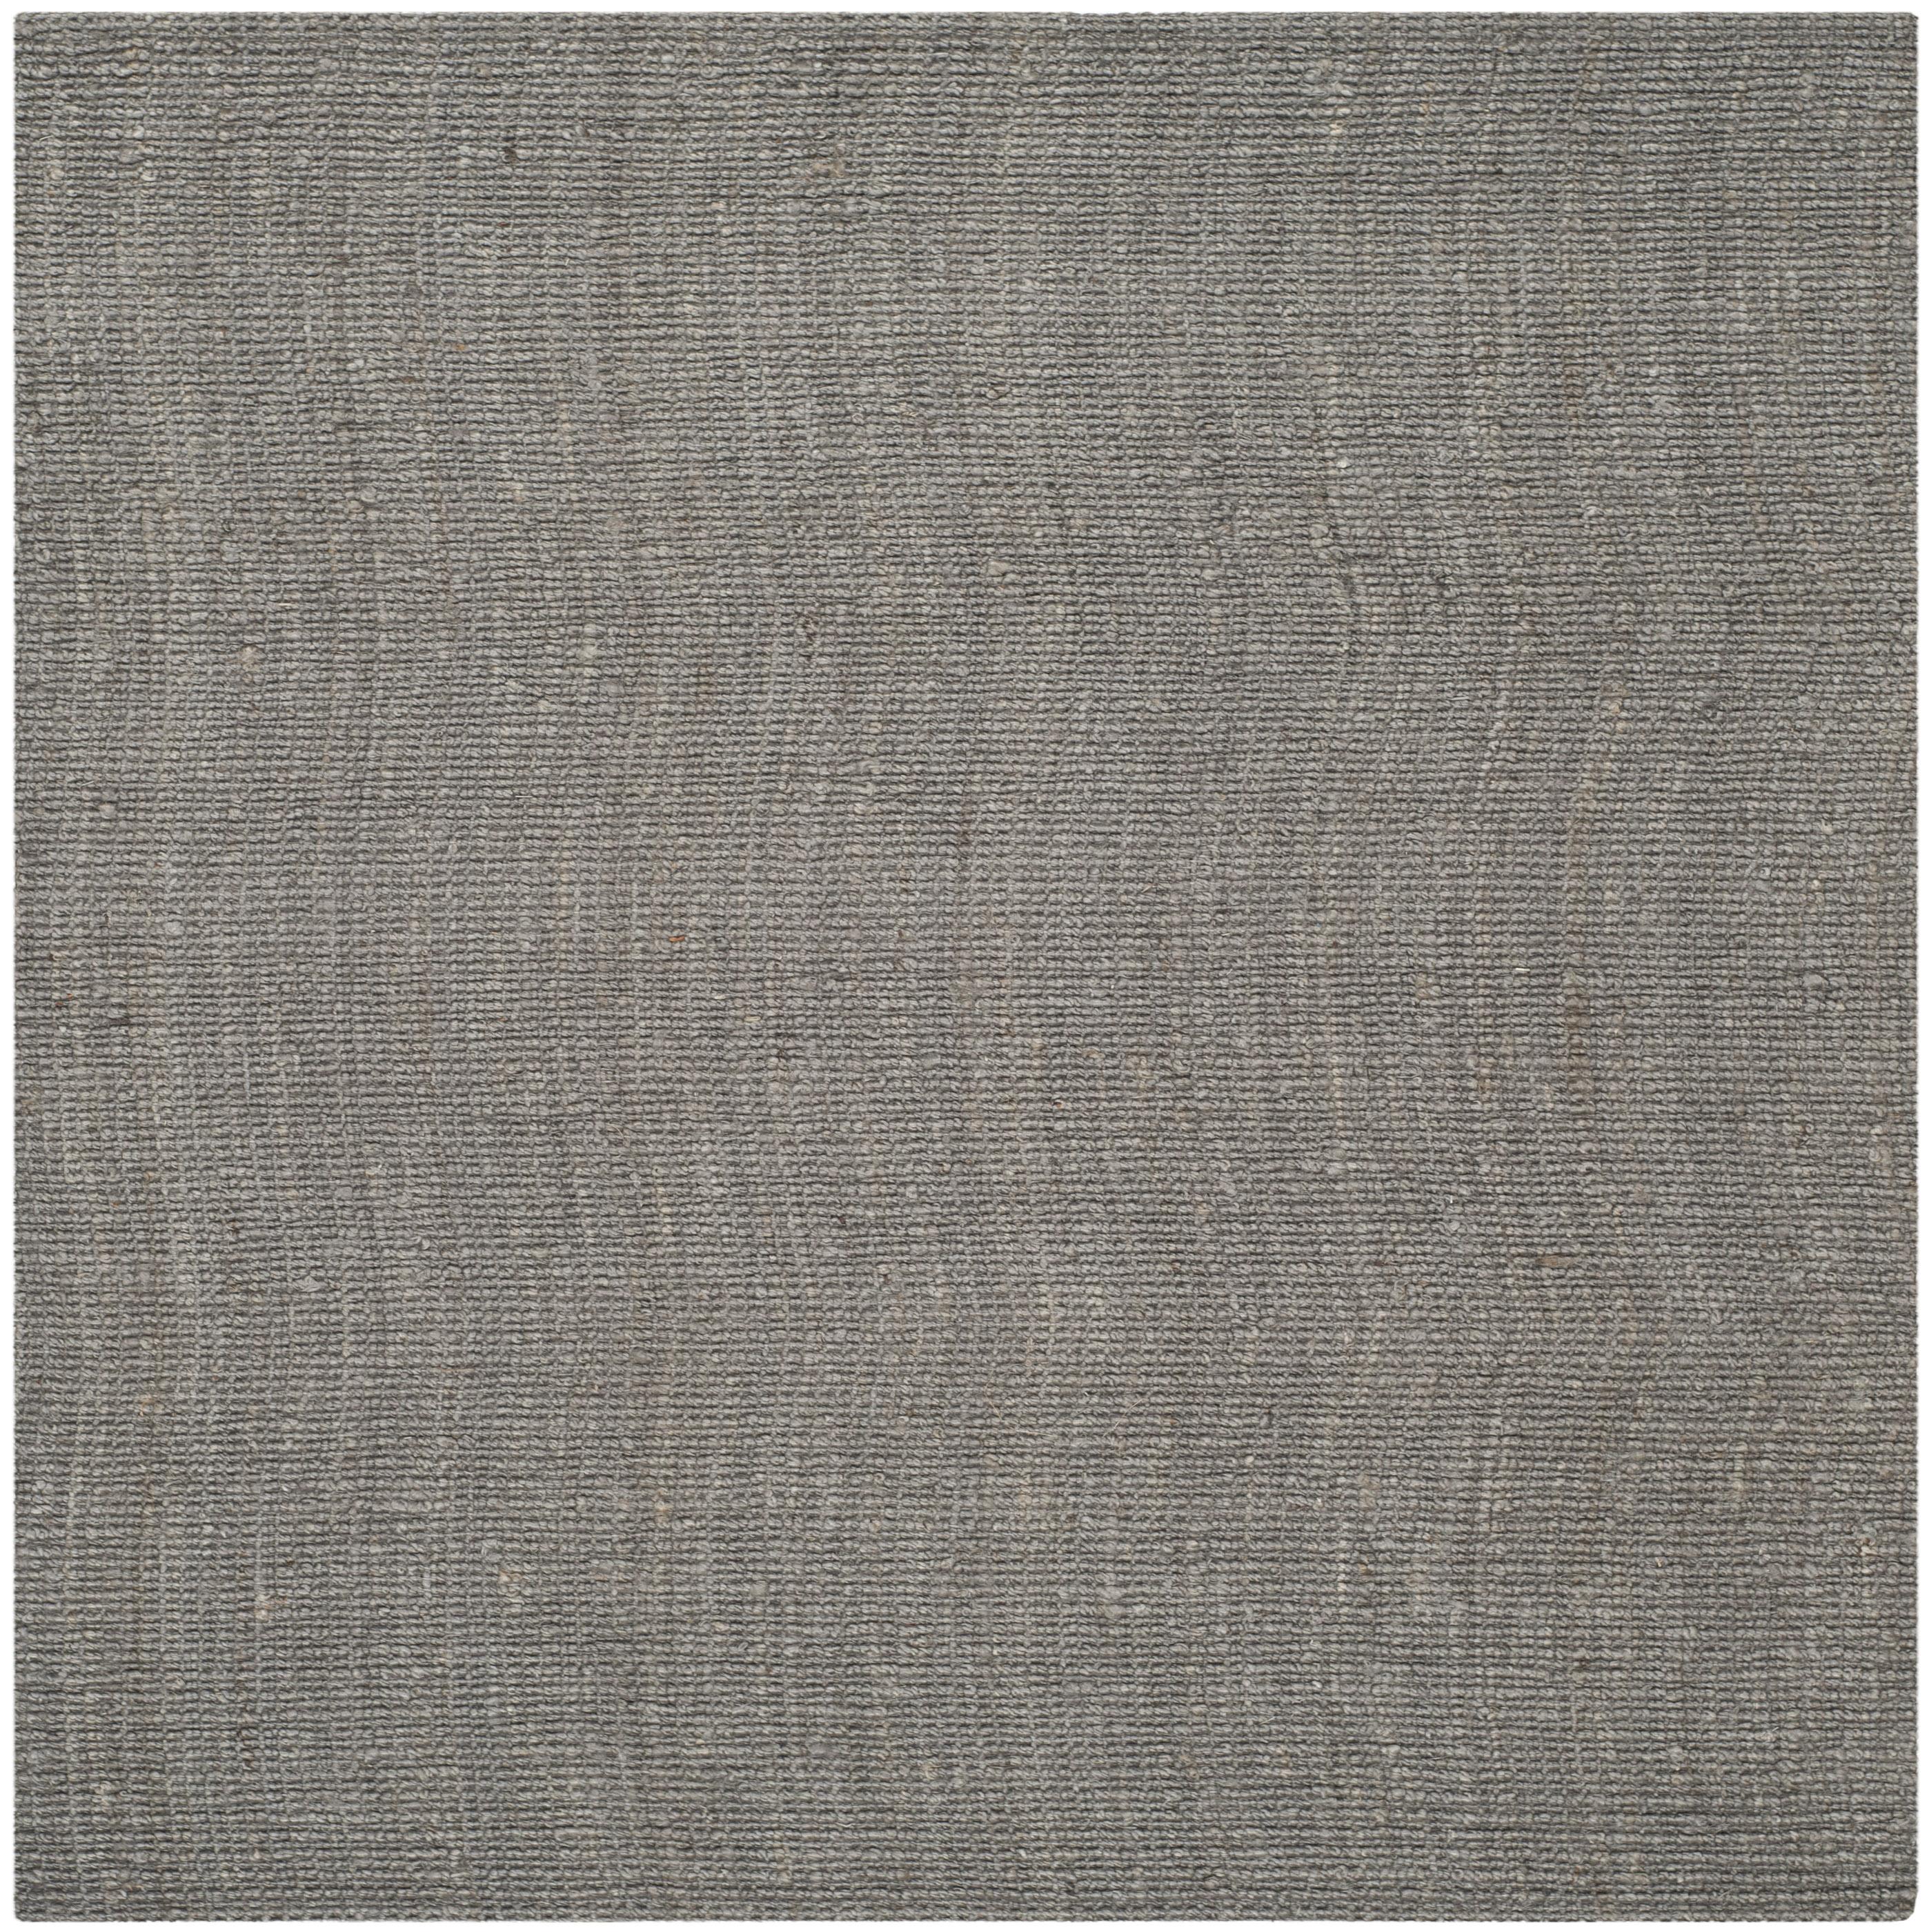 Danford 447 4' X 4' Square Gray Jute Rug